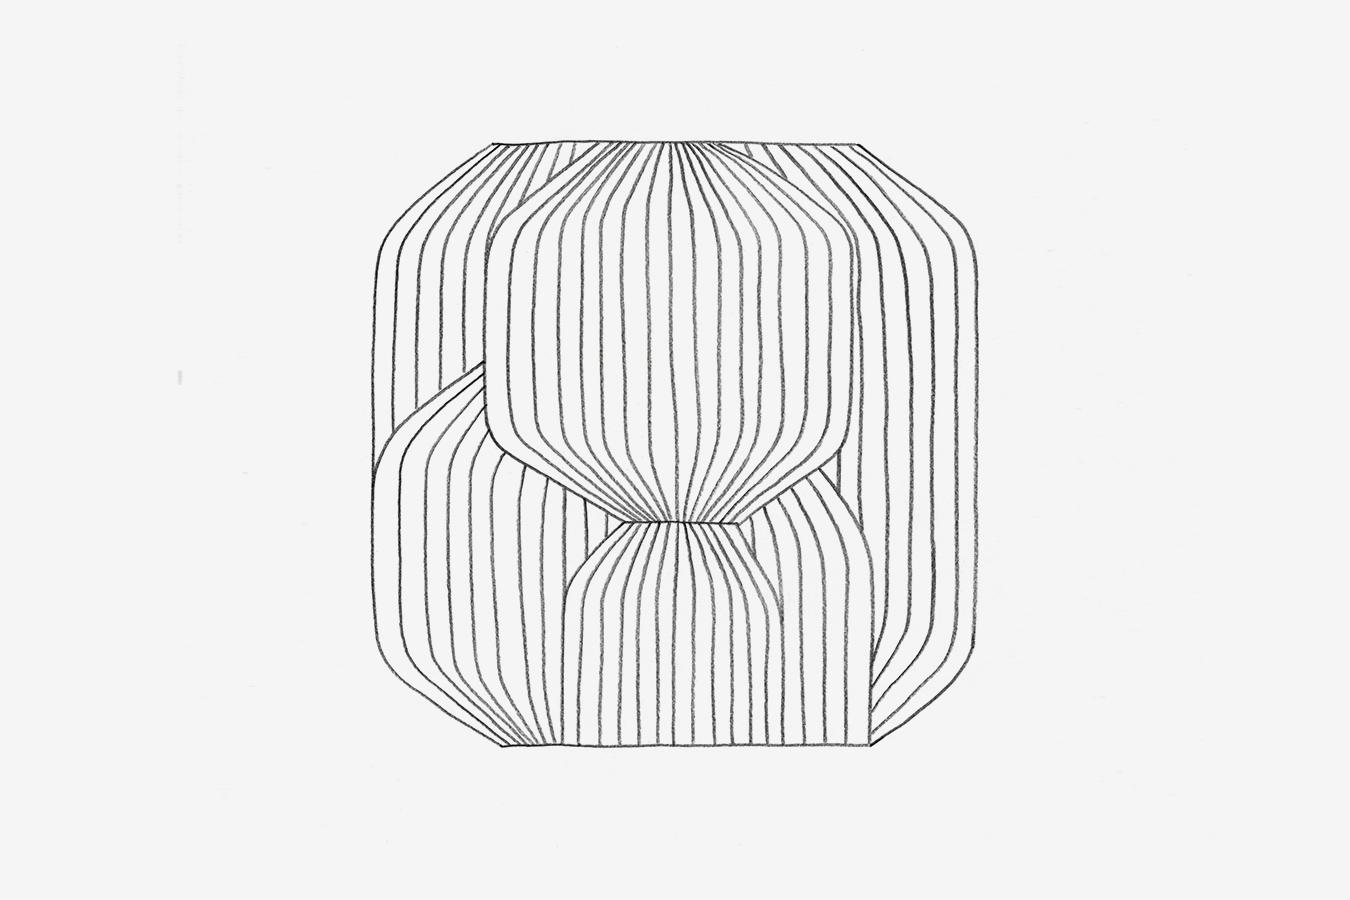 quintessence_dessin_10.jpg